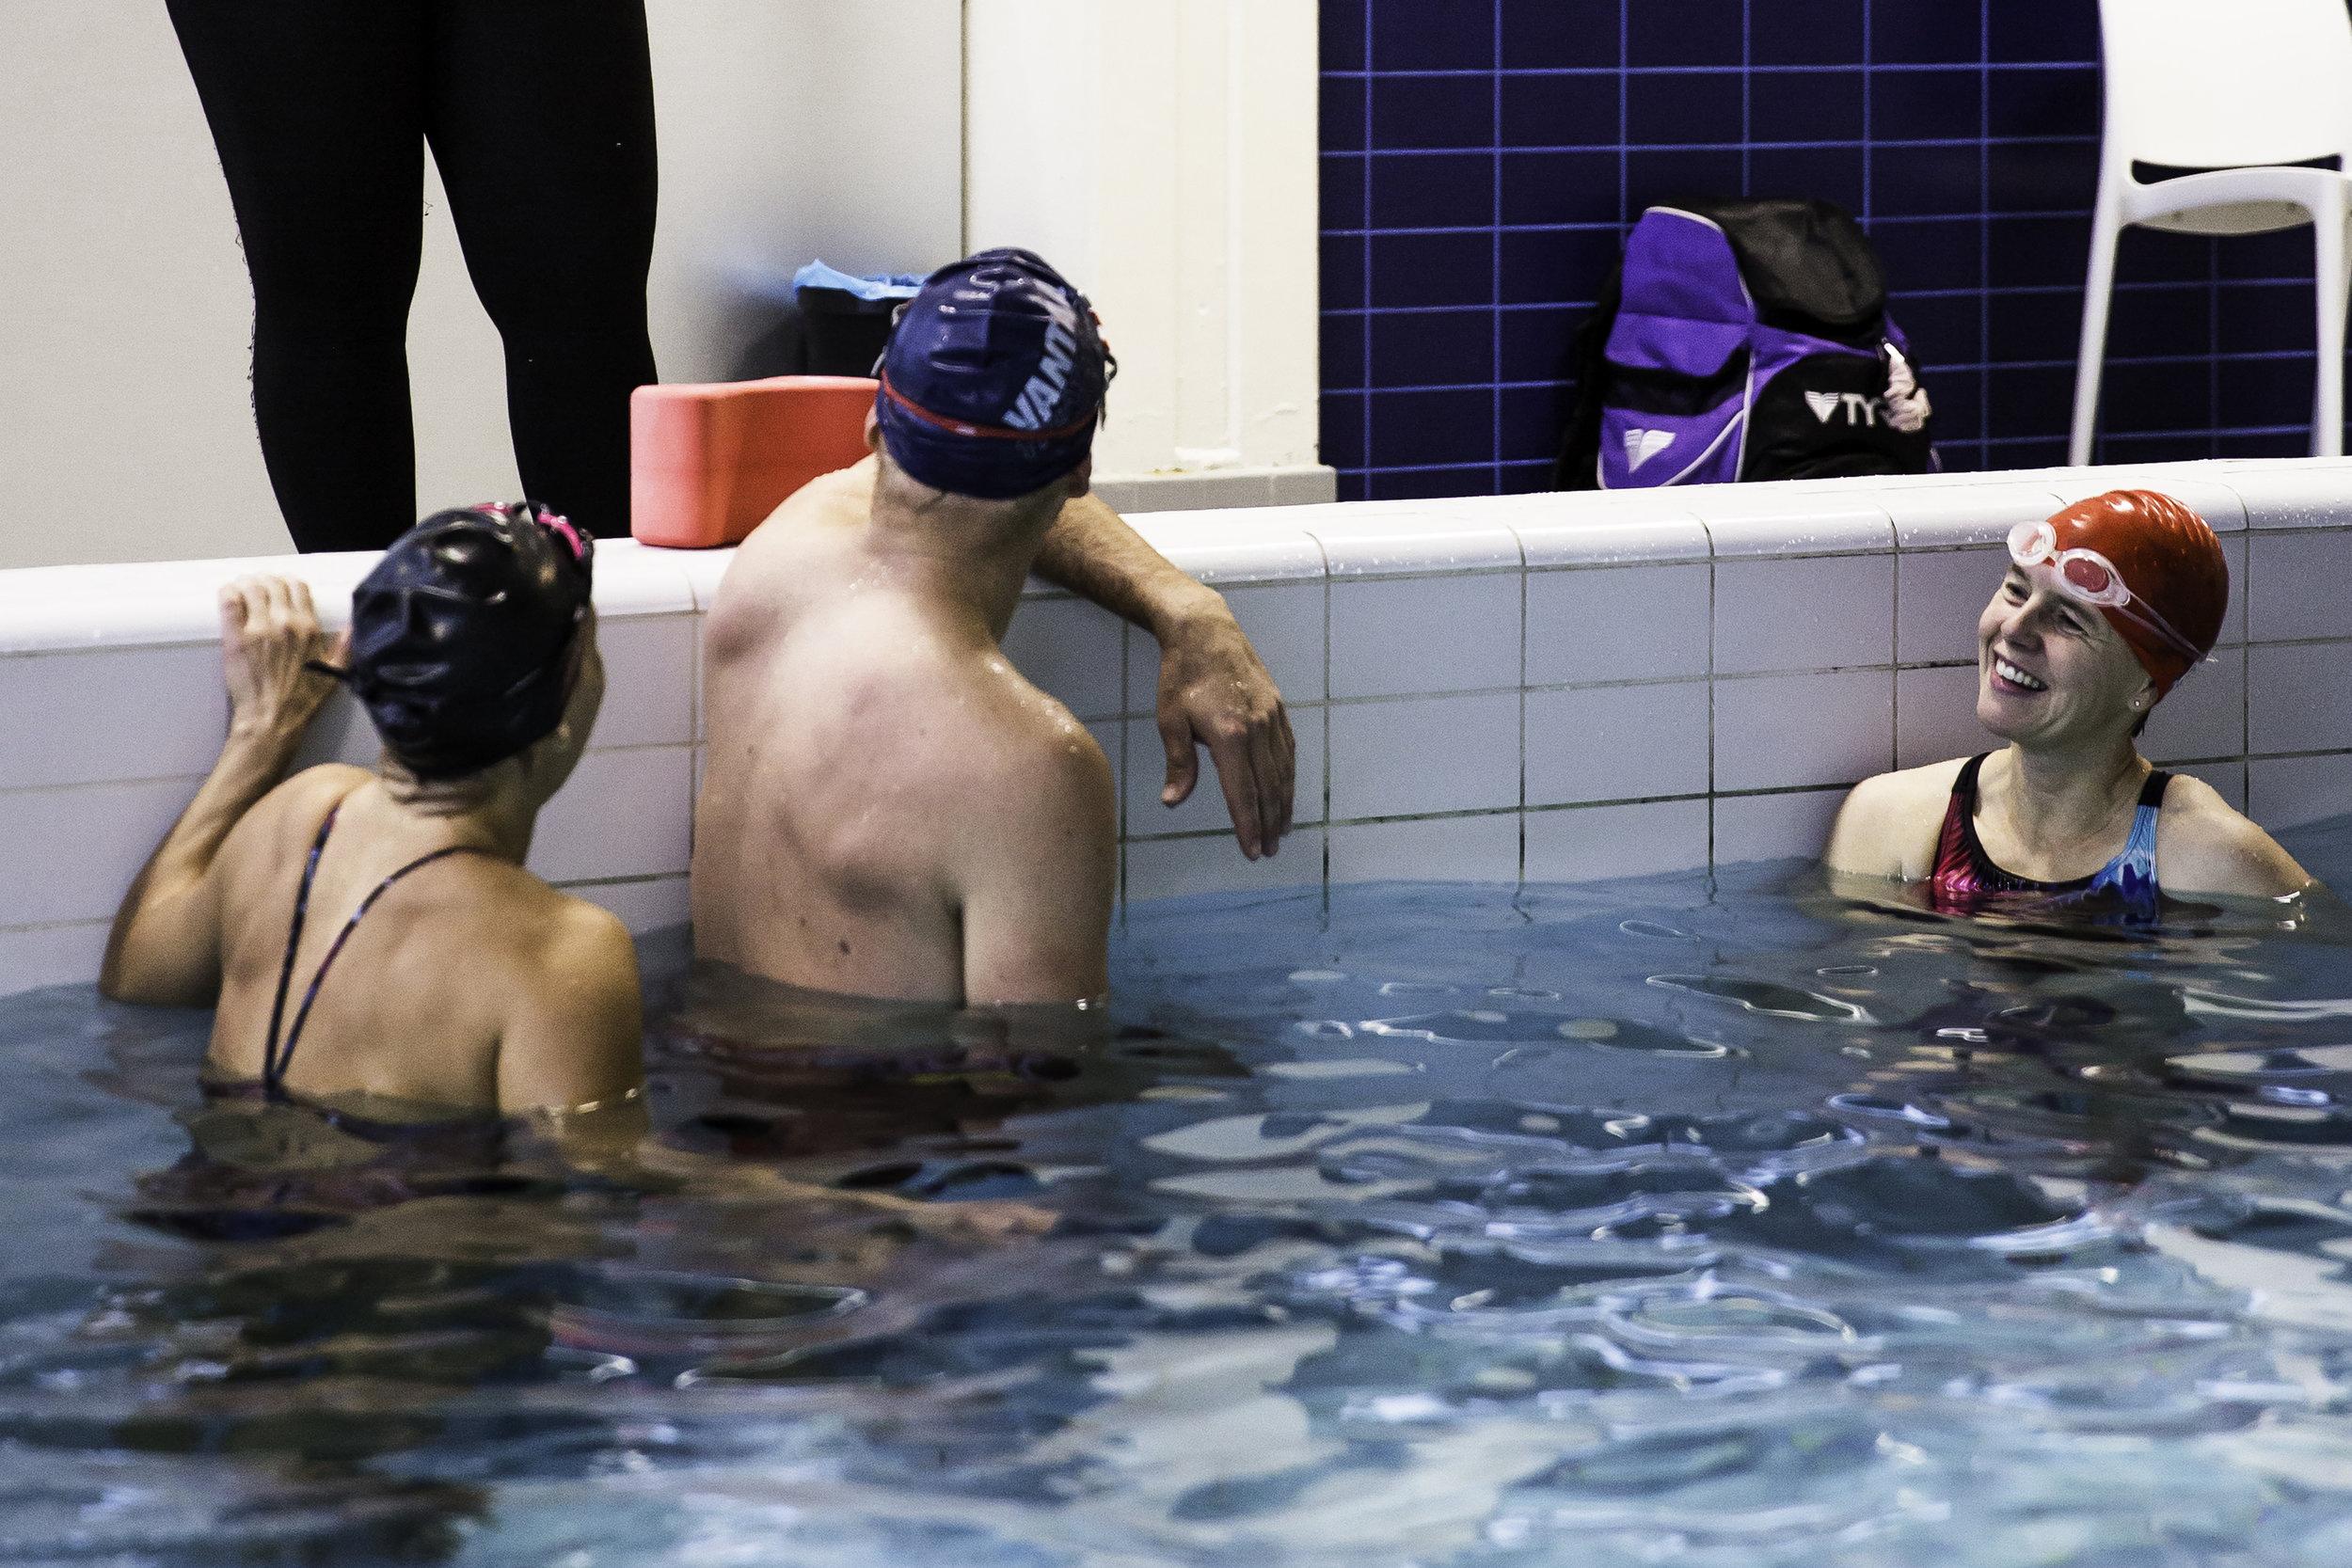 AIKUISTEN UINTIKURSSIT - Lajikohtaista ryhmäharjoittelua uimataitoisille. Kursseihin sisältyy yhdeksän harjoituskertaa.